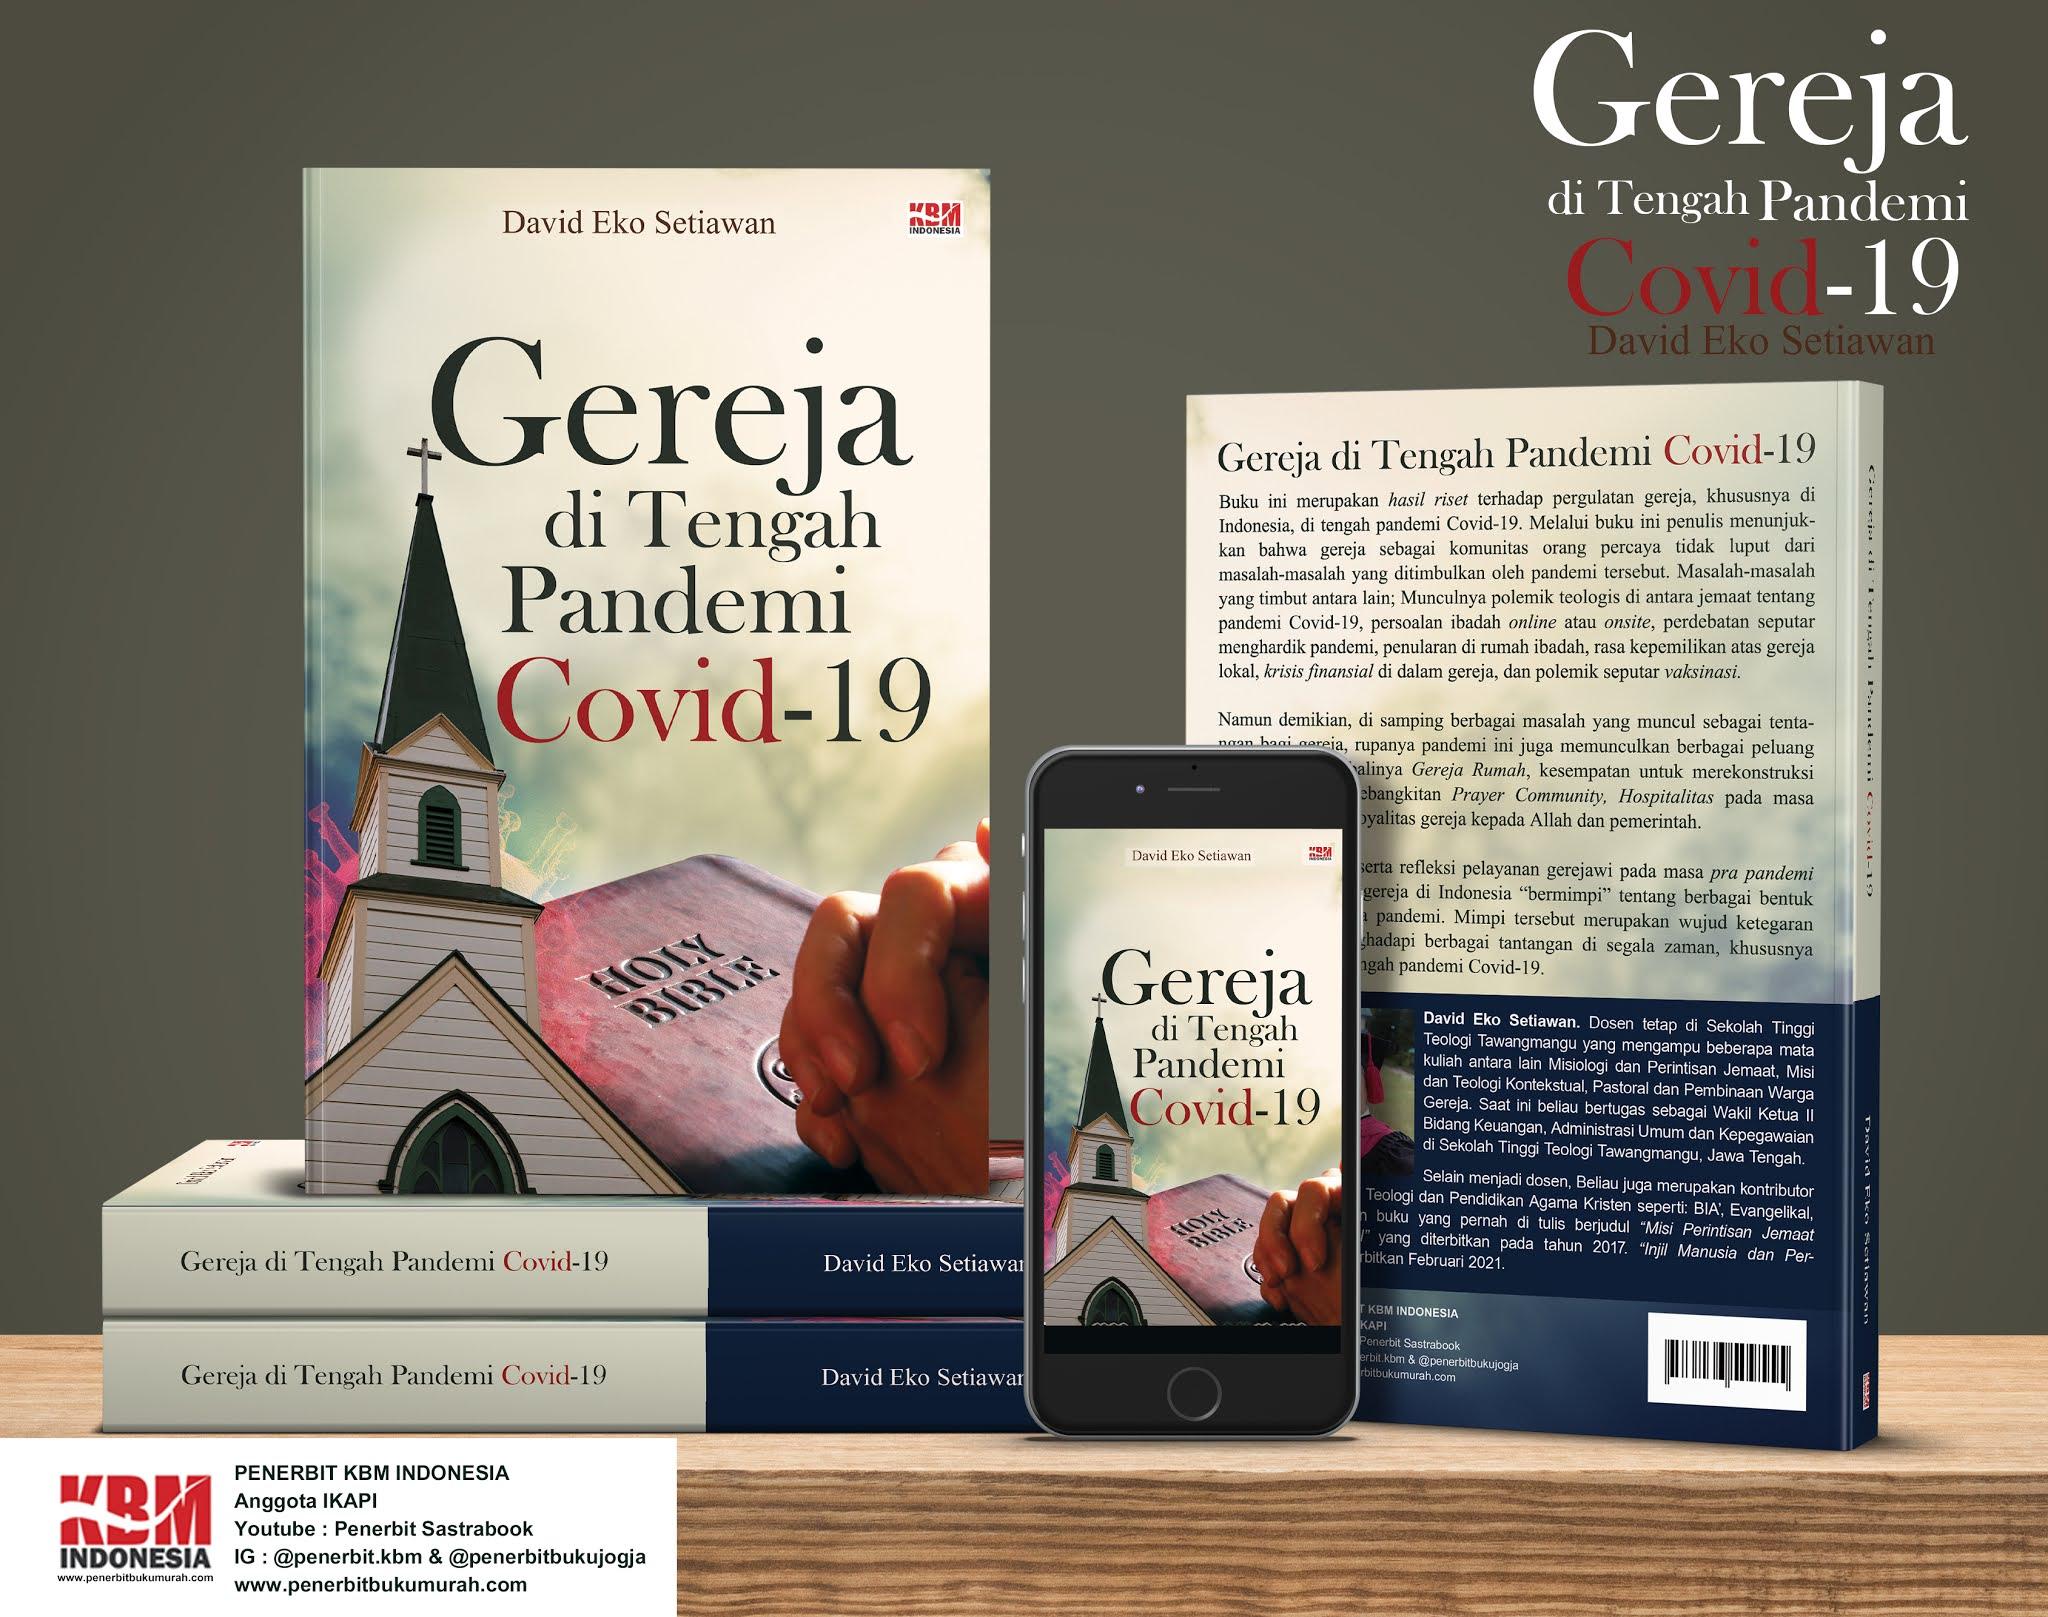 GEREJA DI TENGAH PANDEMI COVID-19